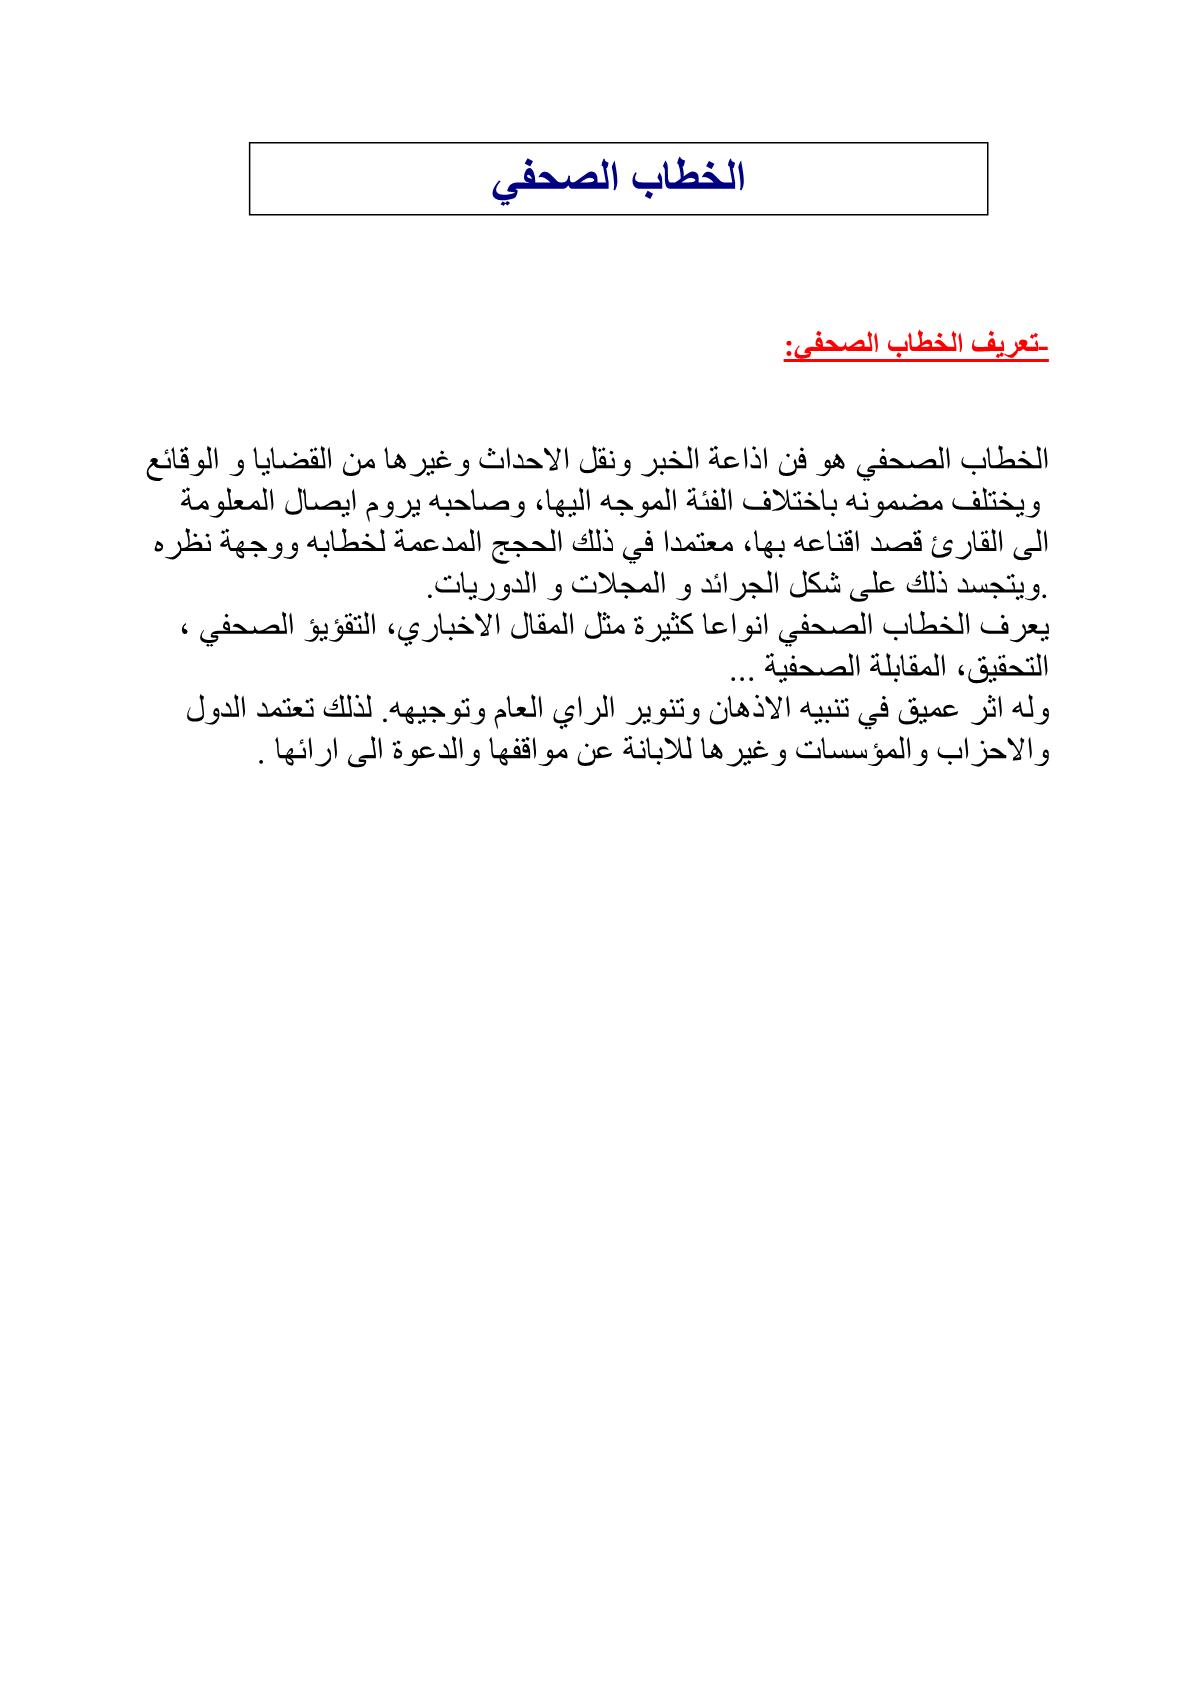 درس الخطاب الصحفي مادة اللغة العربية أولى باك علوم